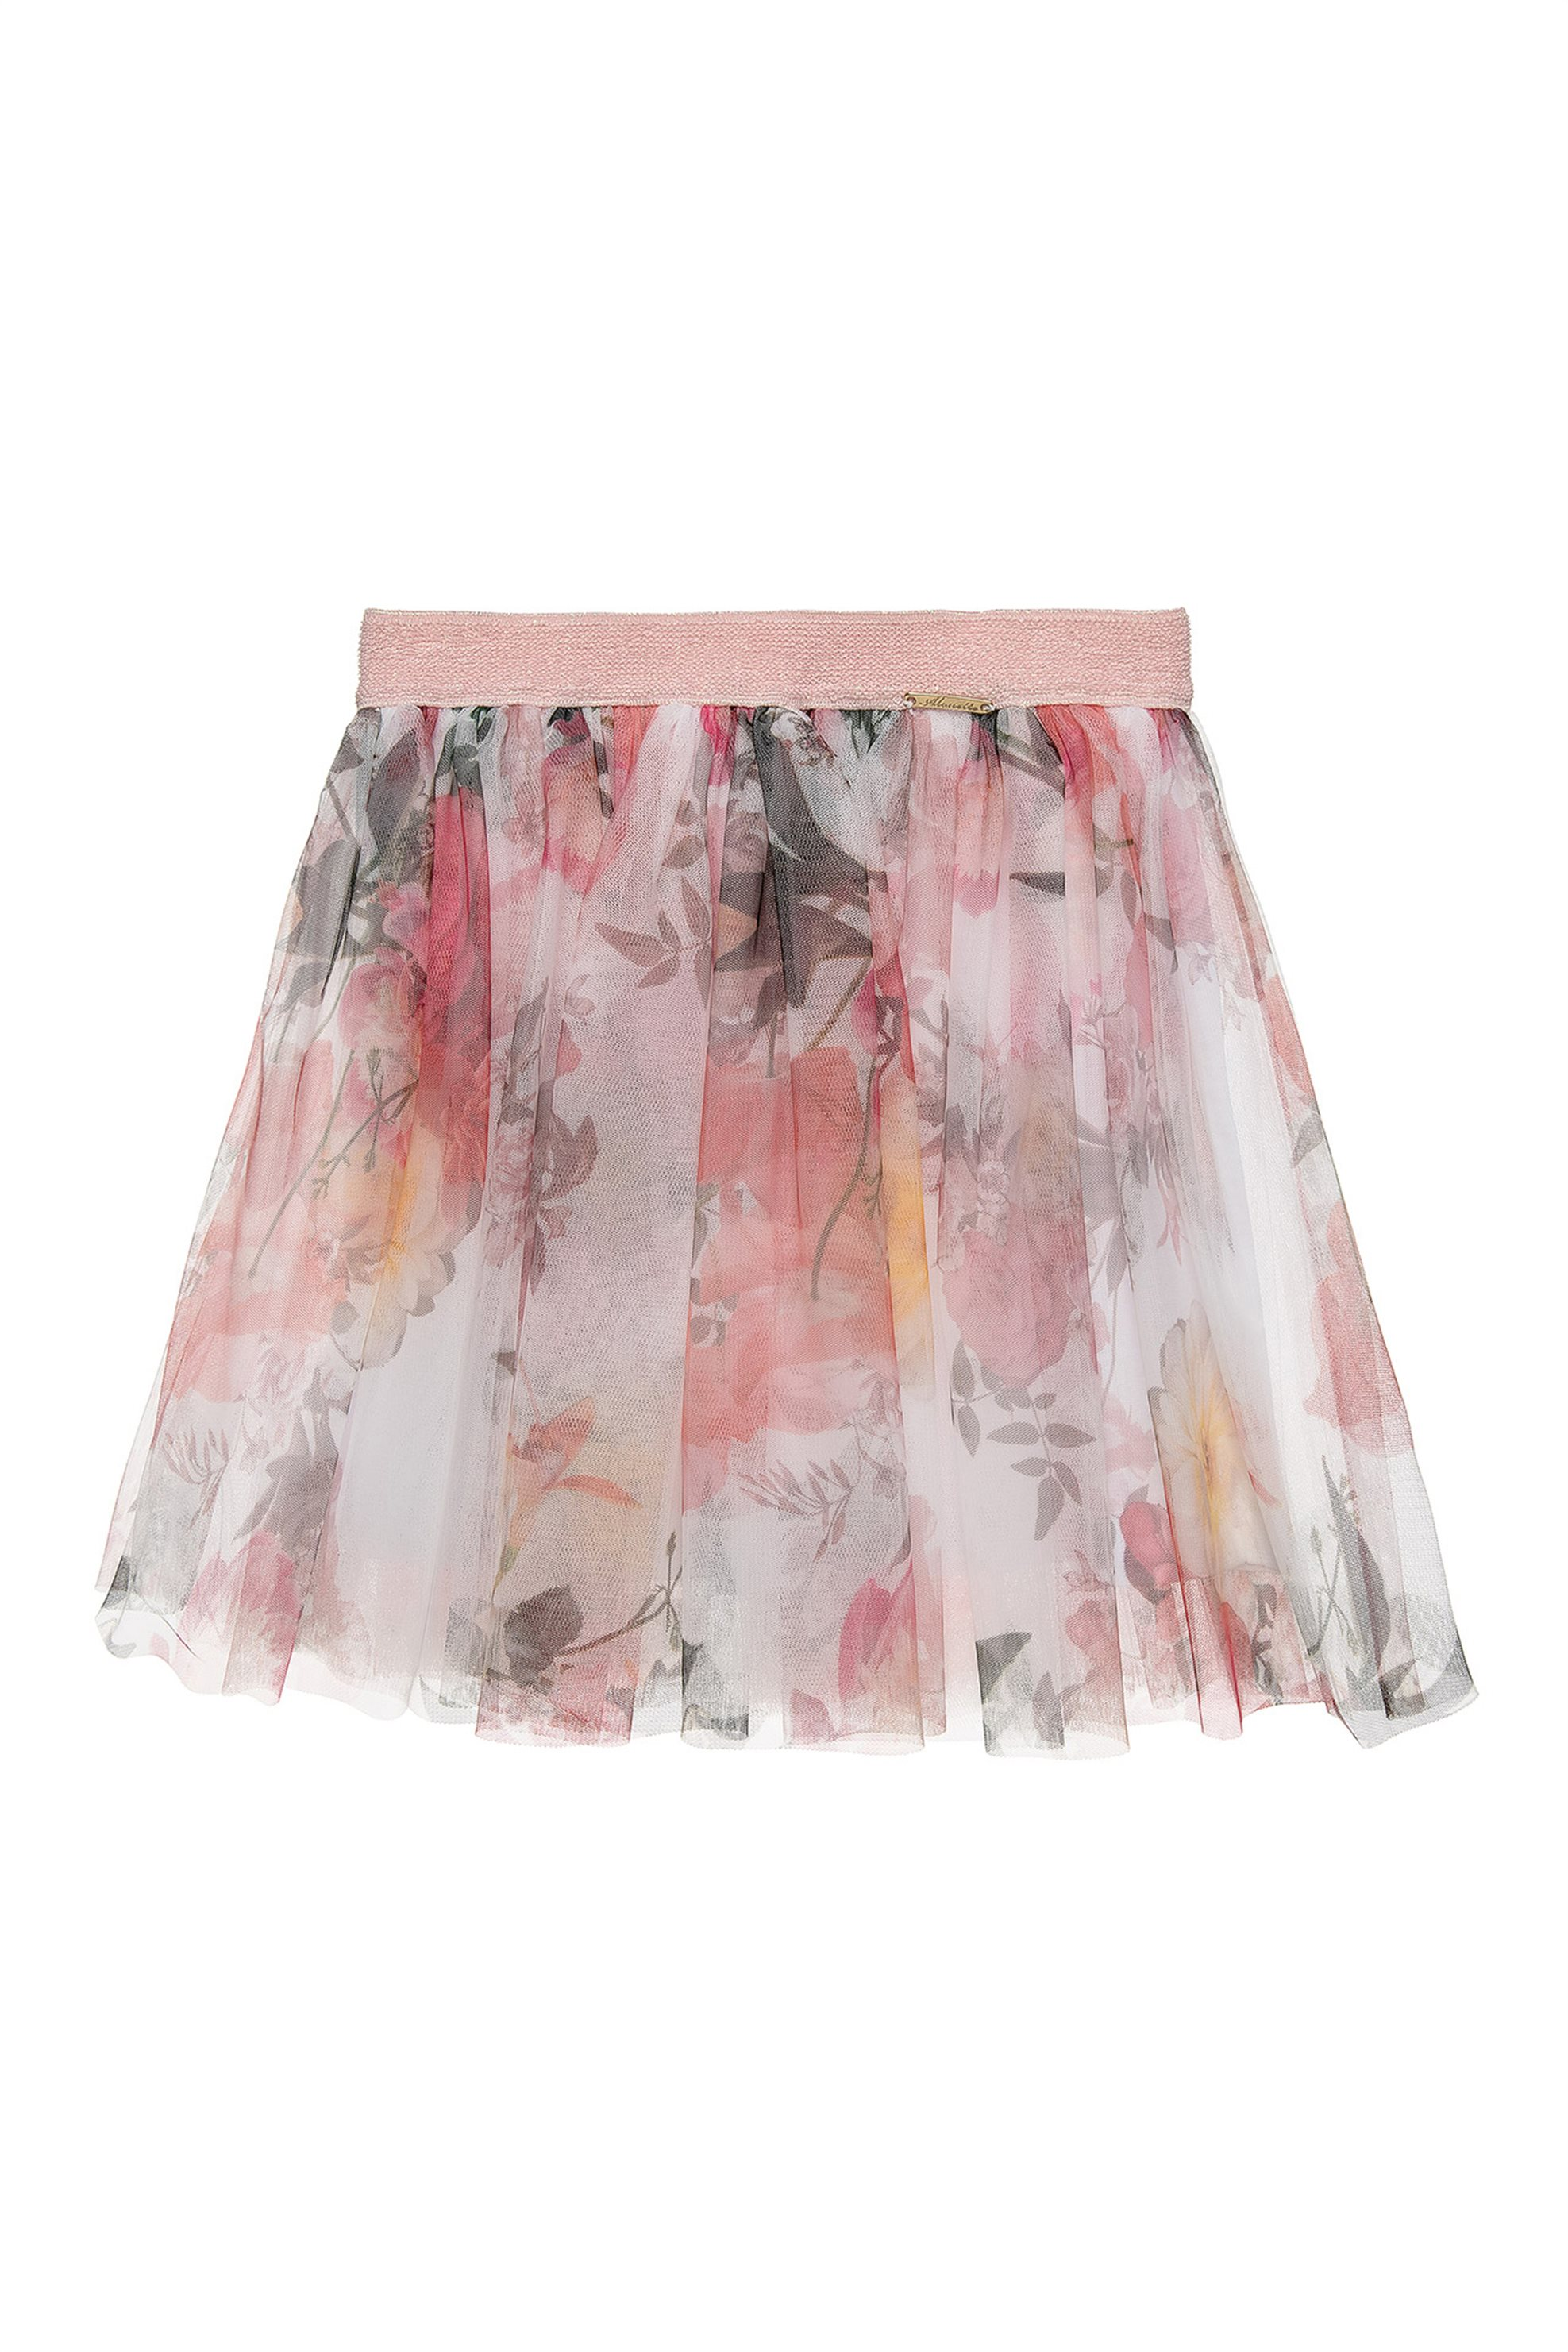 Alouette παιδική φούστα με τούλι floral (6-10 ετών) - 009418...